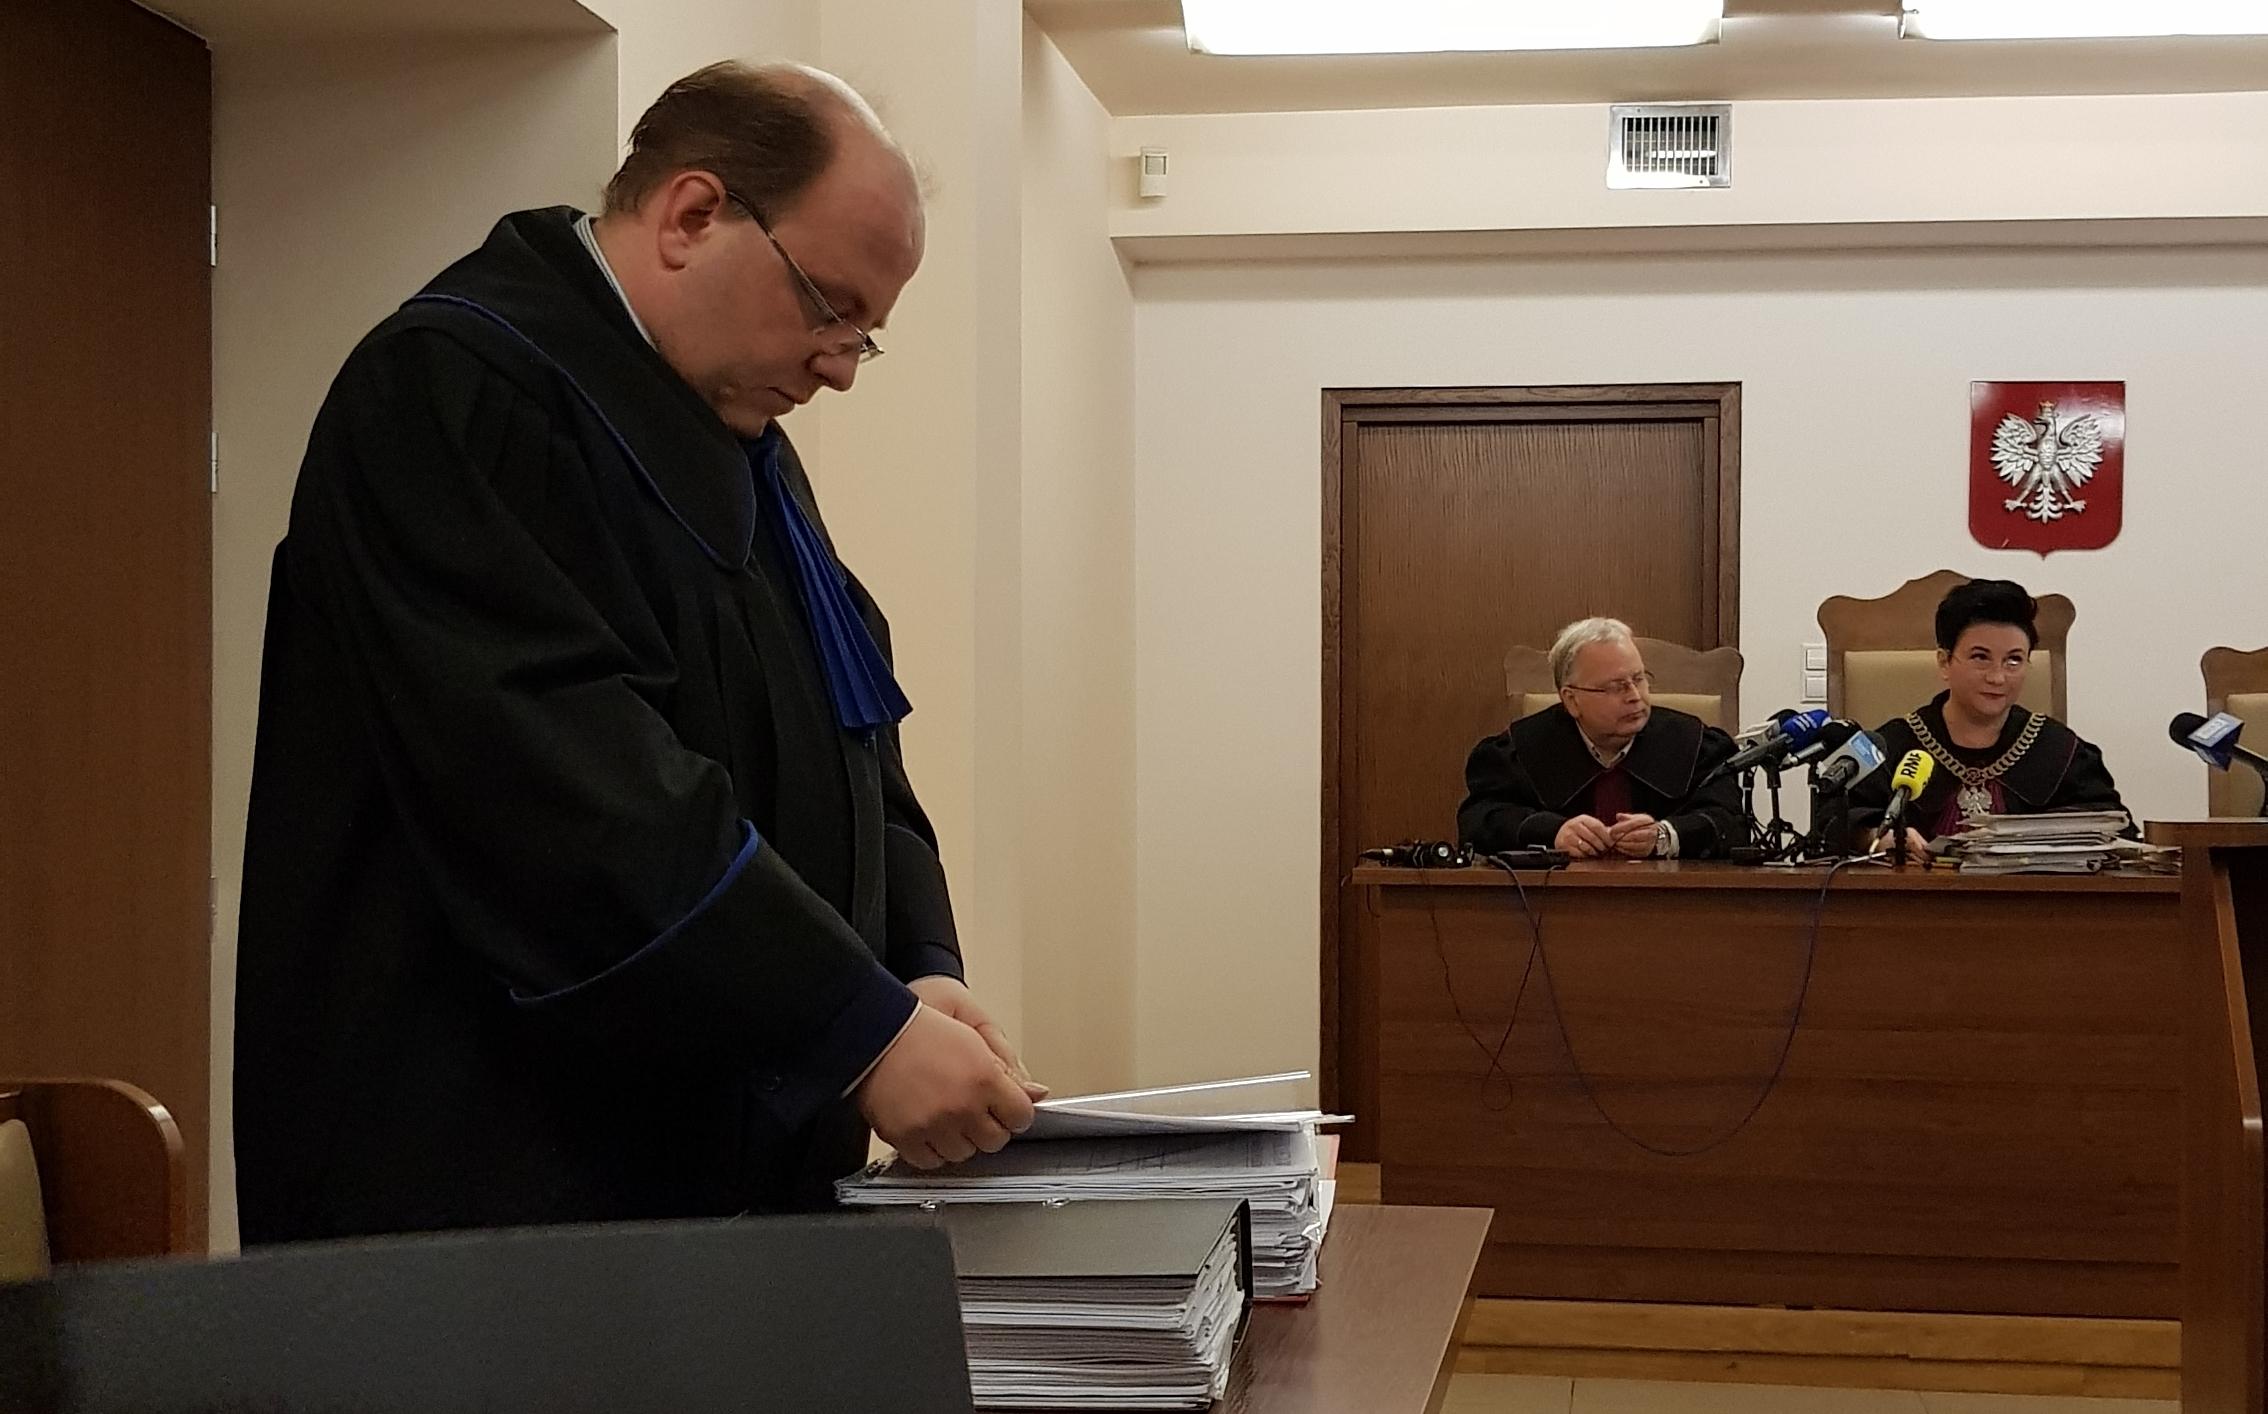 Sąd Administracyjny w Lublinie odroczył postępowanie w sprawie wygaszenia mandatuprezydenta miasta Krzysztofa Żuka.